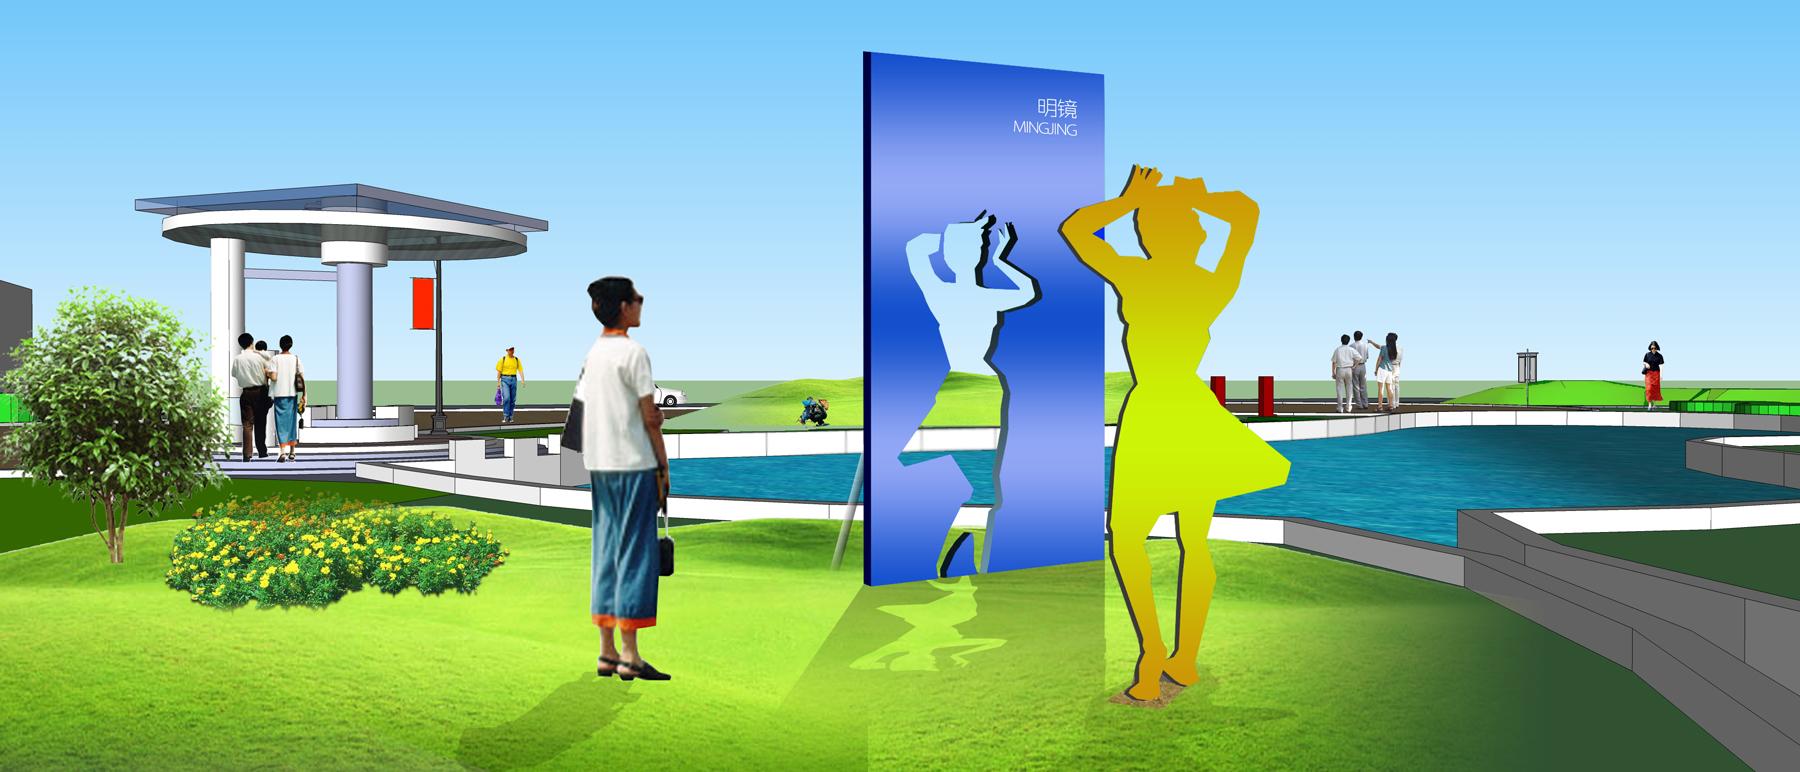 法制文化公园景观设计_主题空间景观小品_图圣环境雕塑